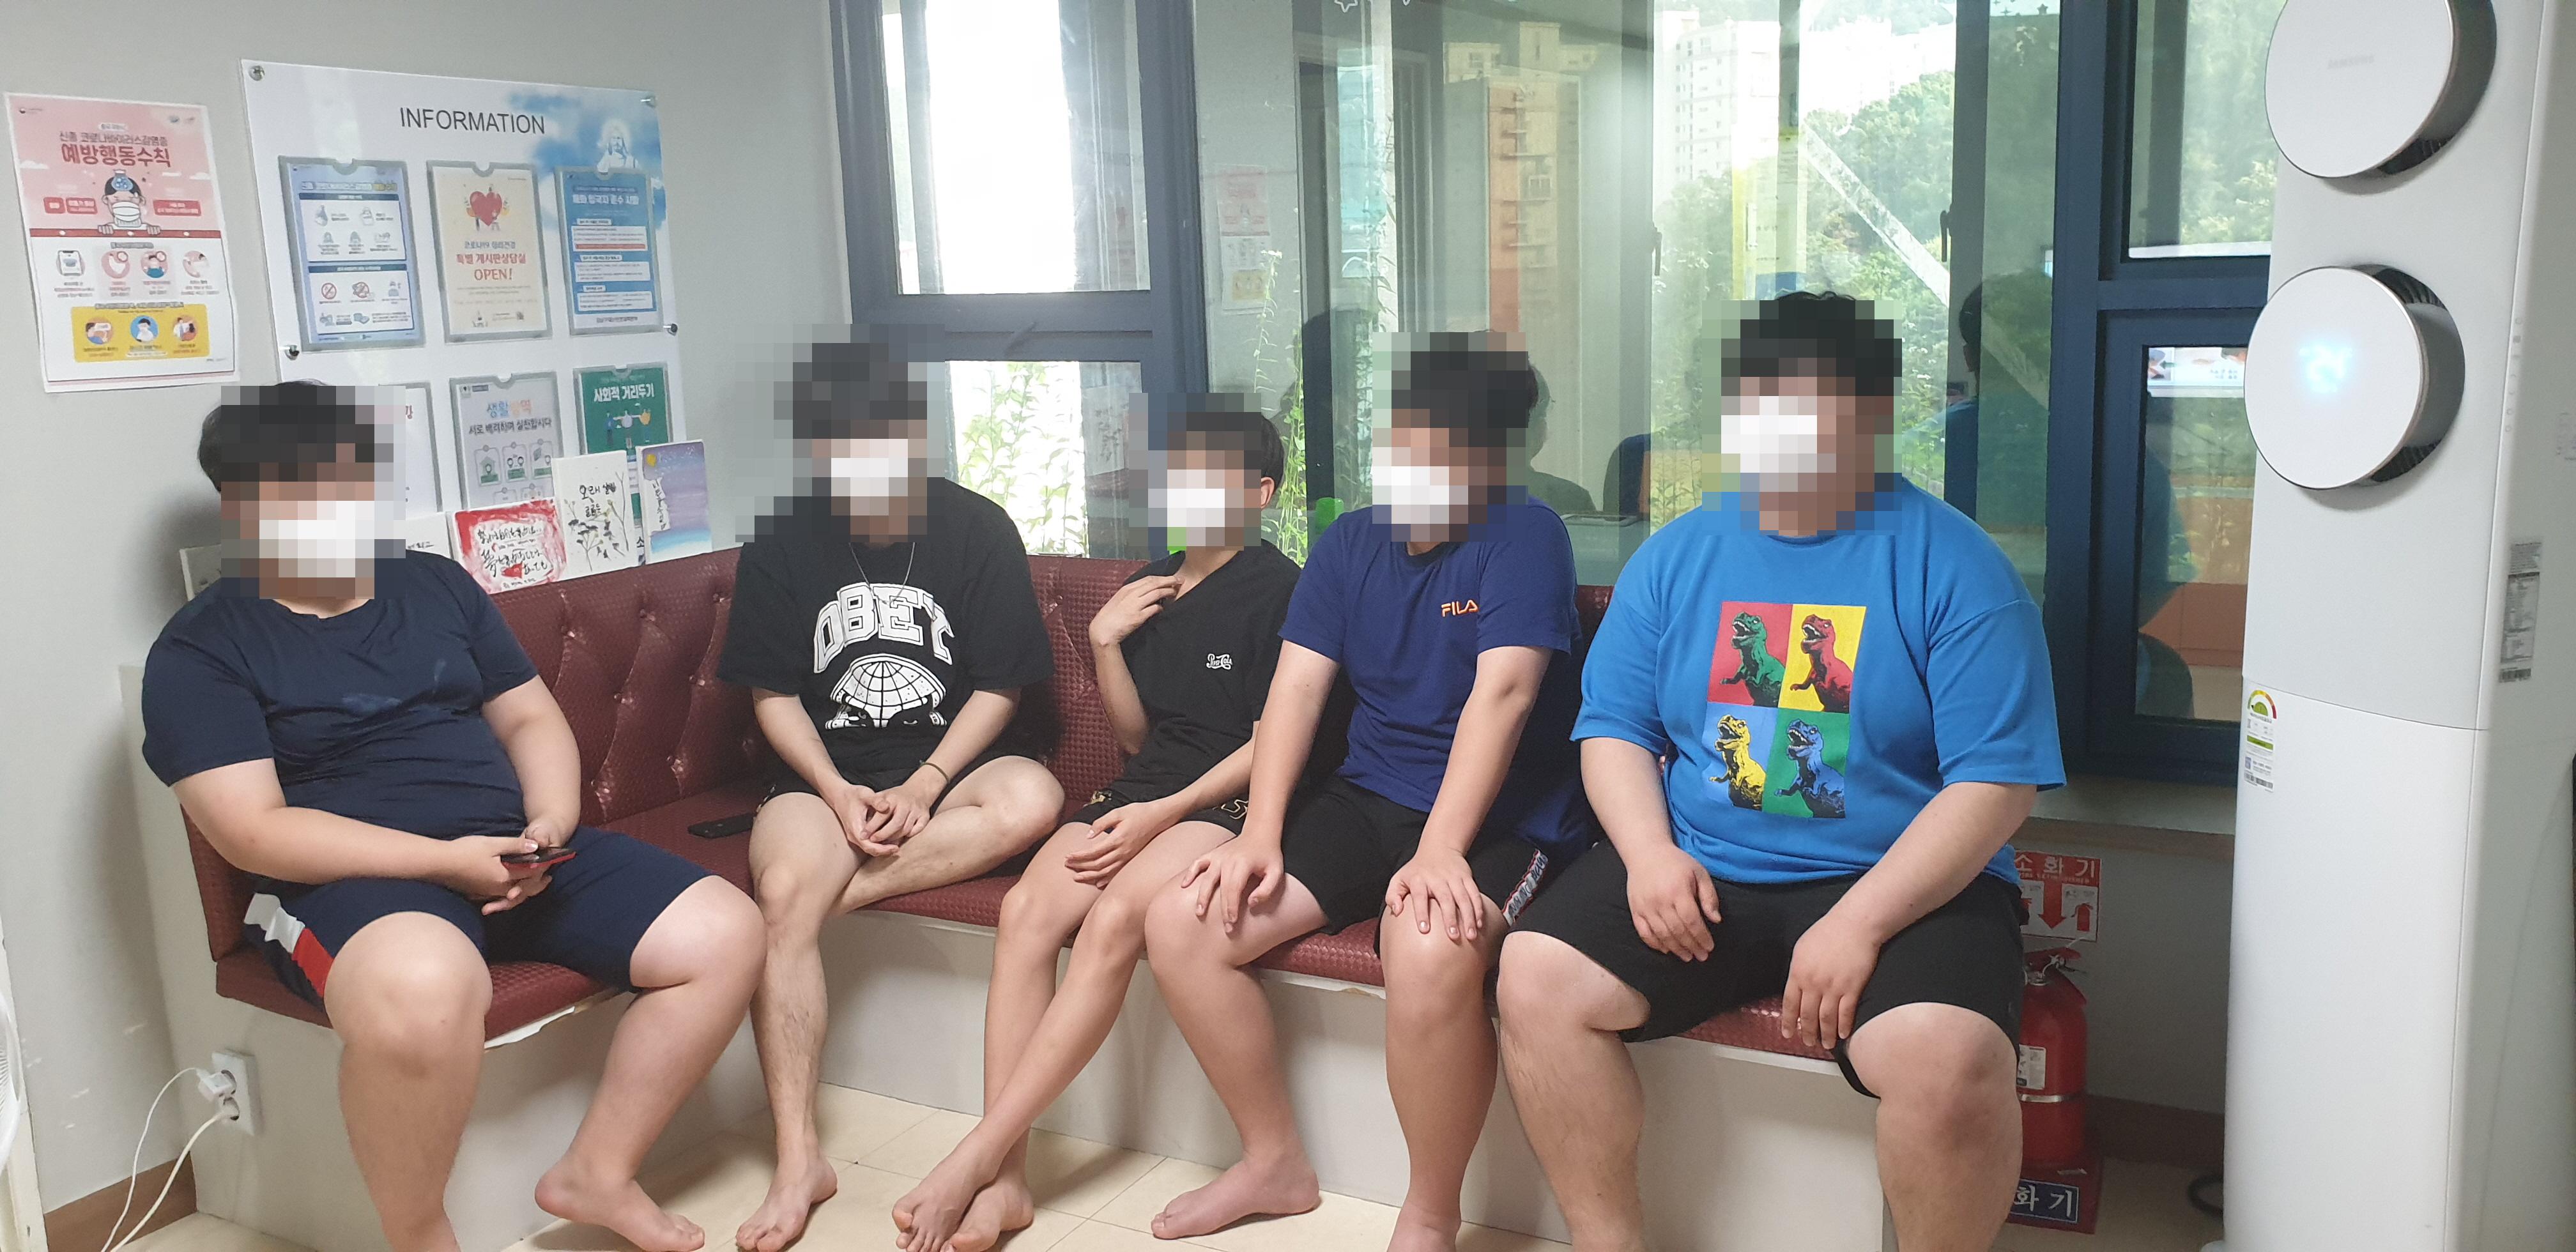 입소청소년 소방안전교육